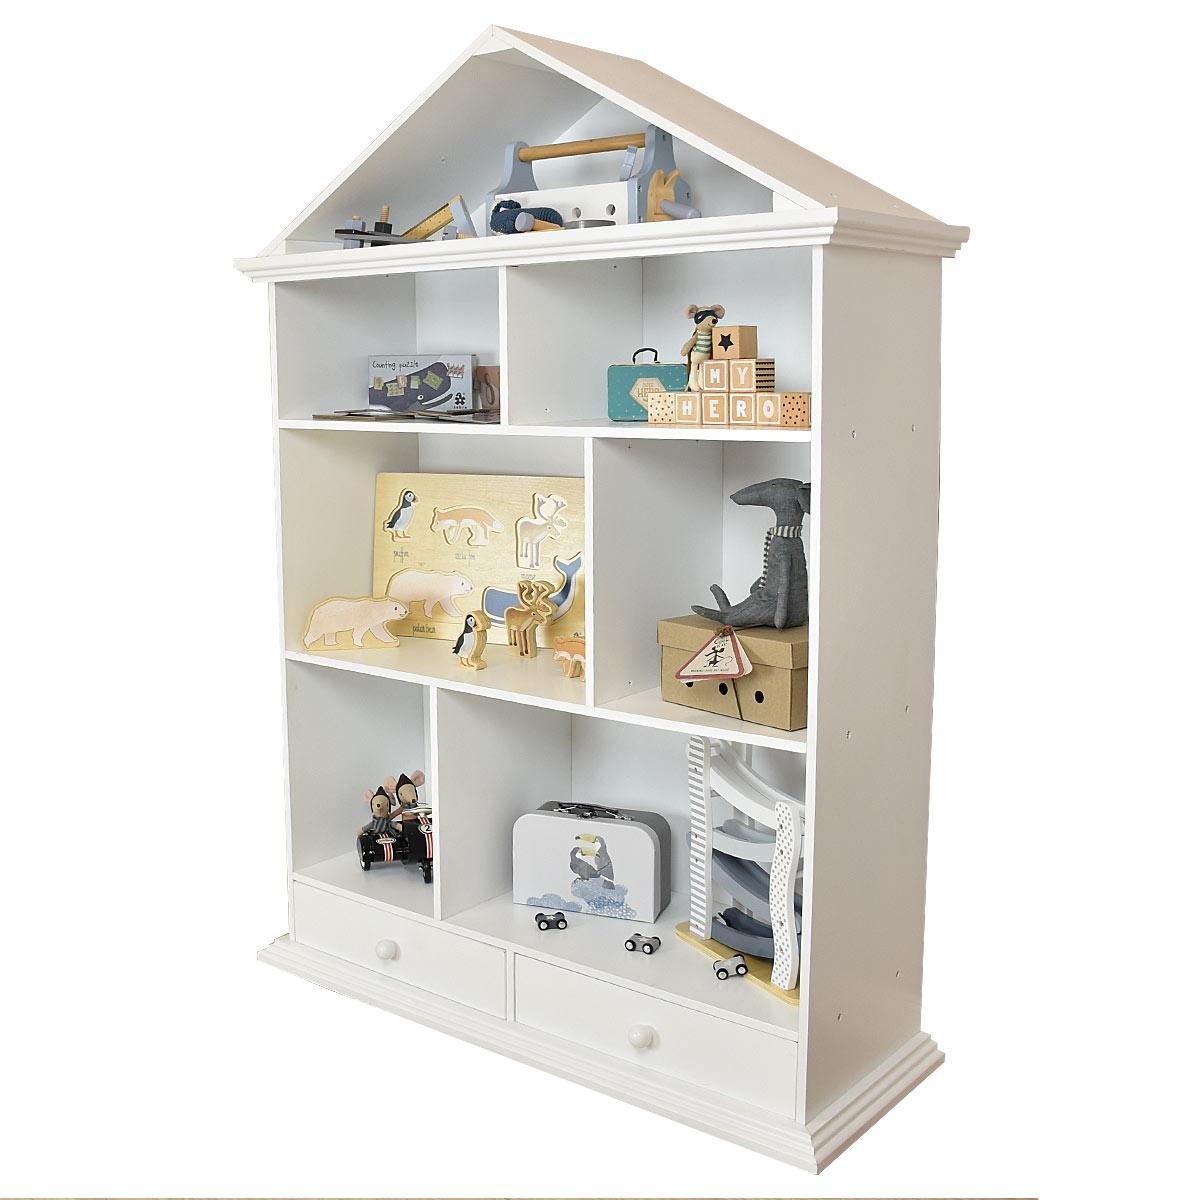 Meppi la casa delle bambole scaffale in legno dal design for Casa bambole ikea